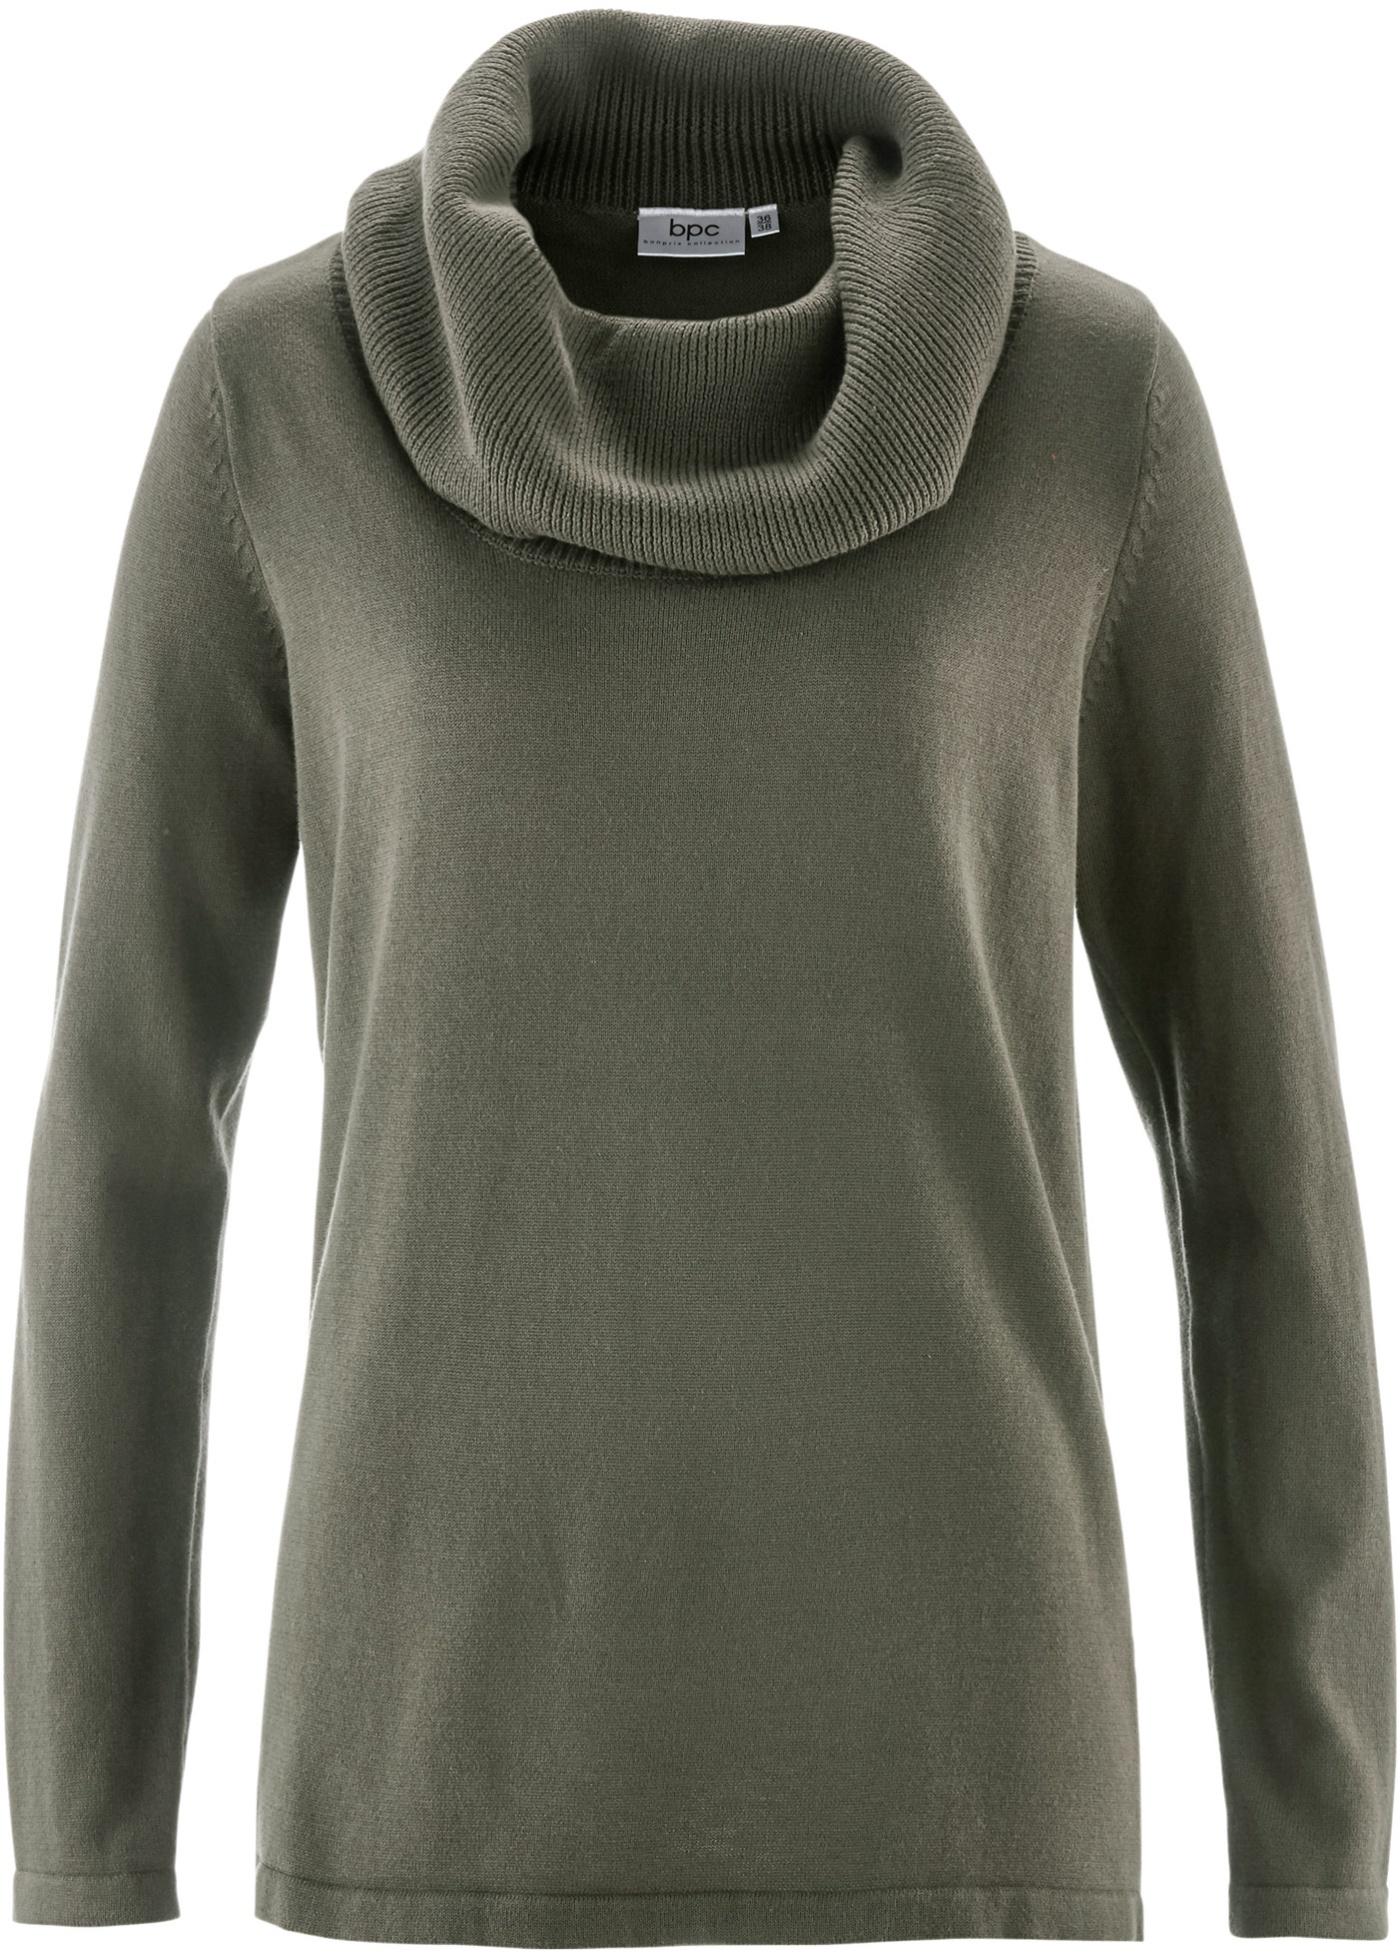 Pullover  Verde  - bpc bo